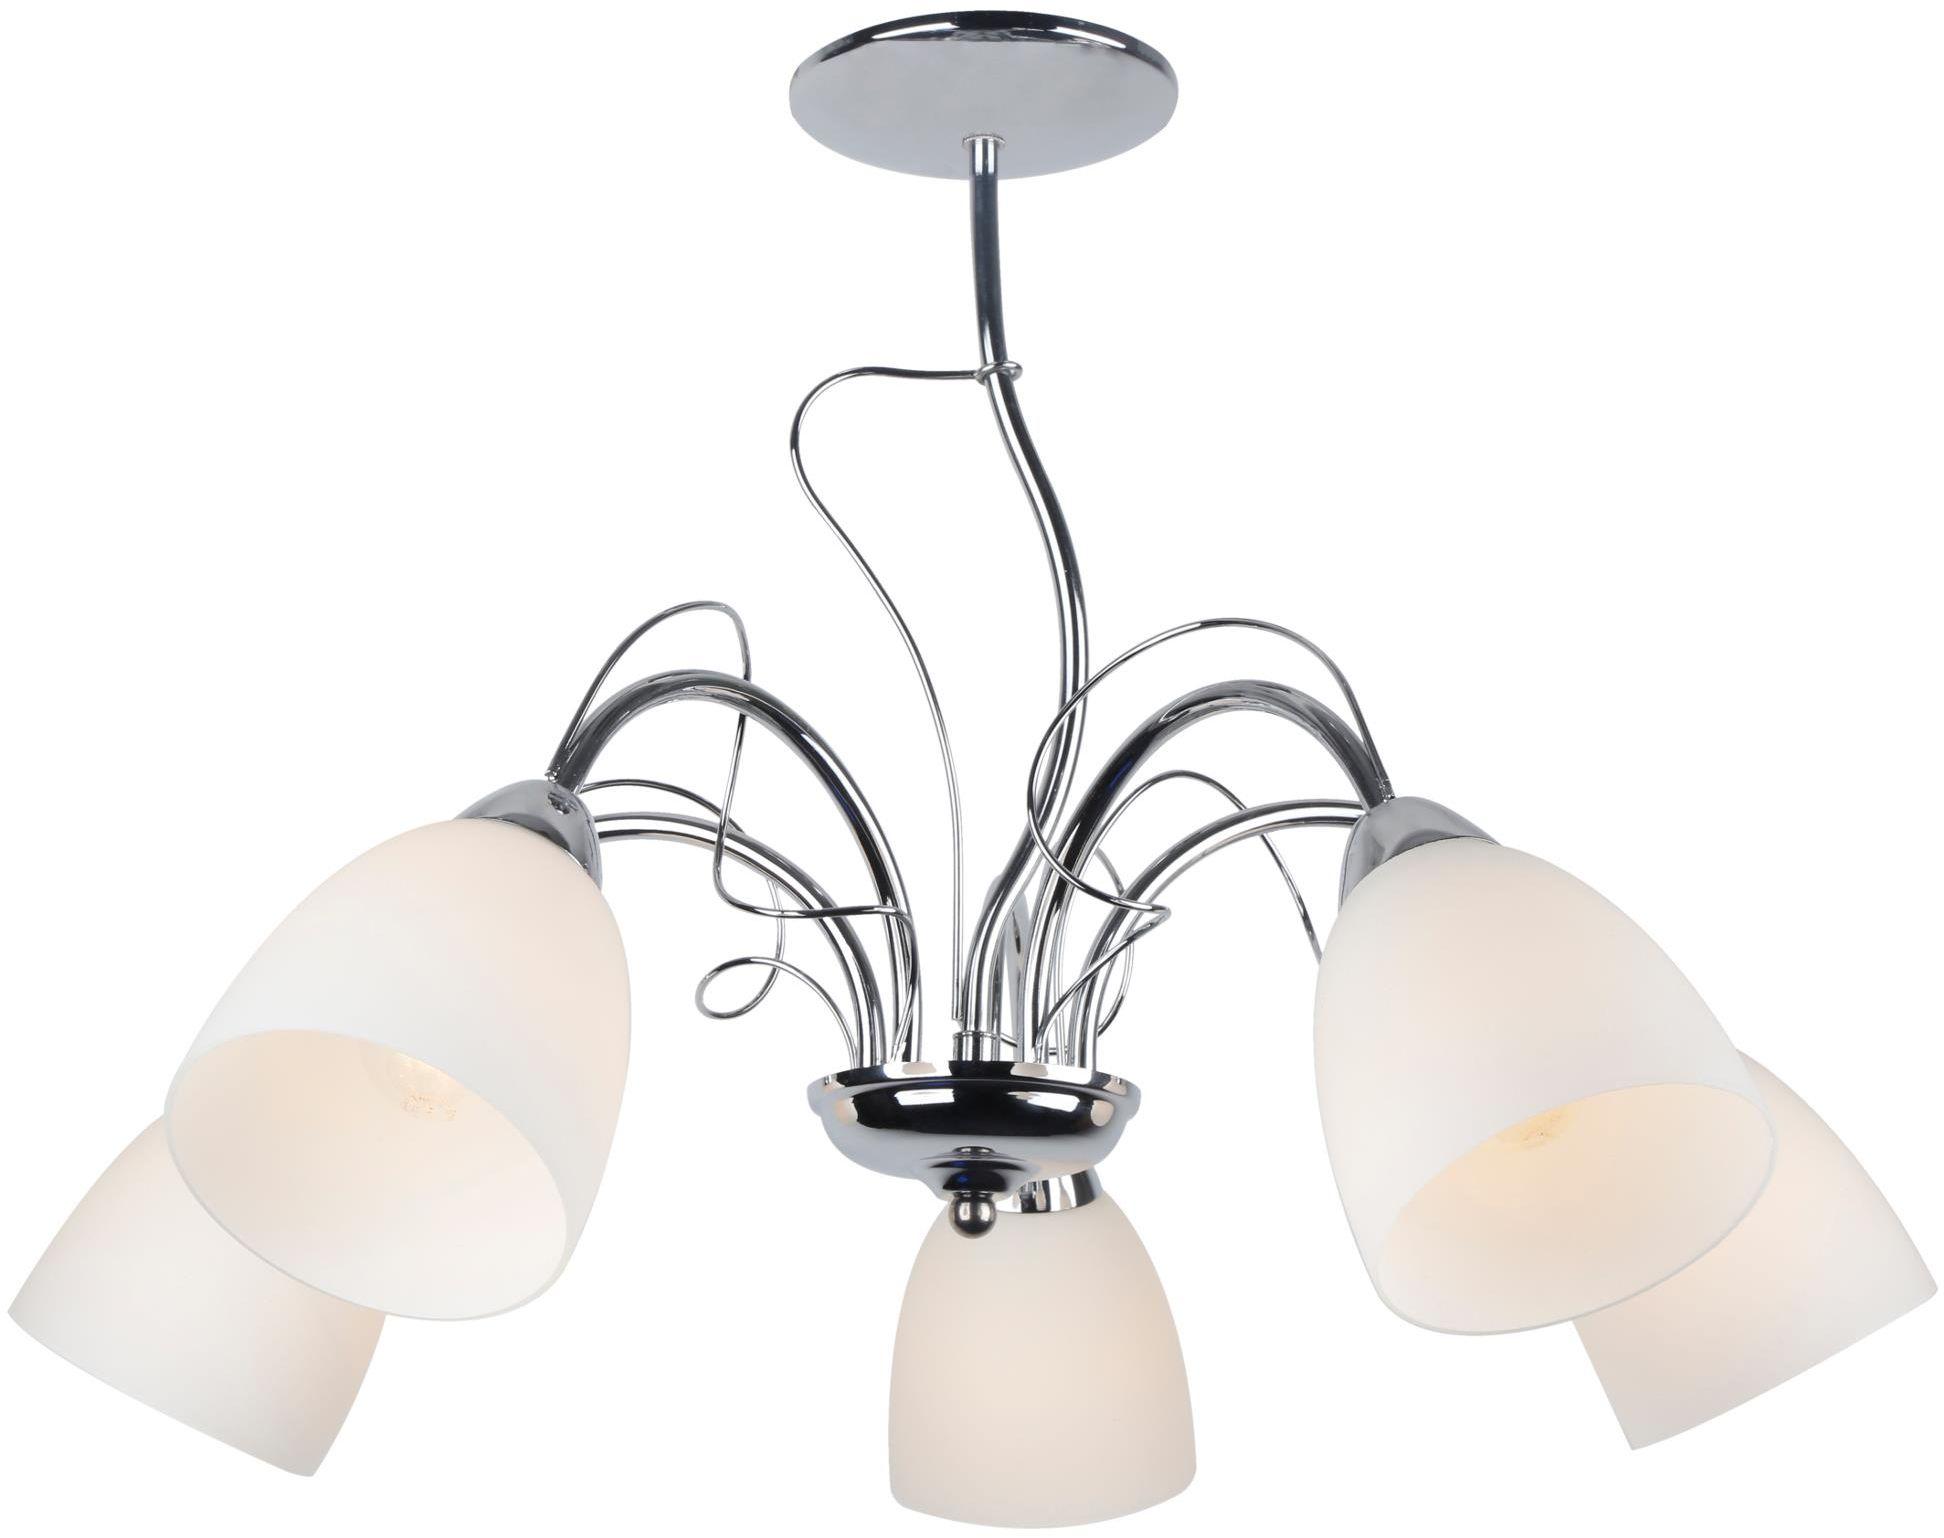 Lampex Lima 5 450/5 lampa wisząca klasyczna szklany klosz 5x40W E14 54cm